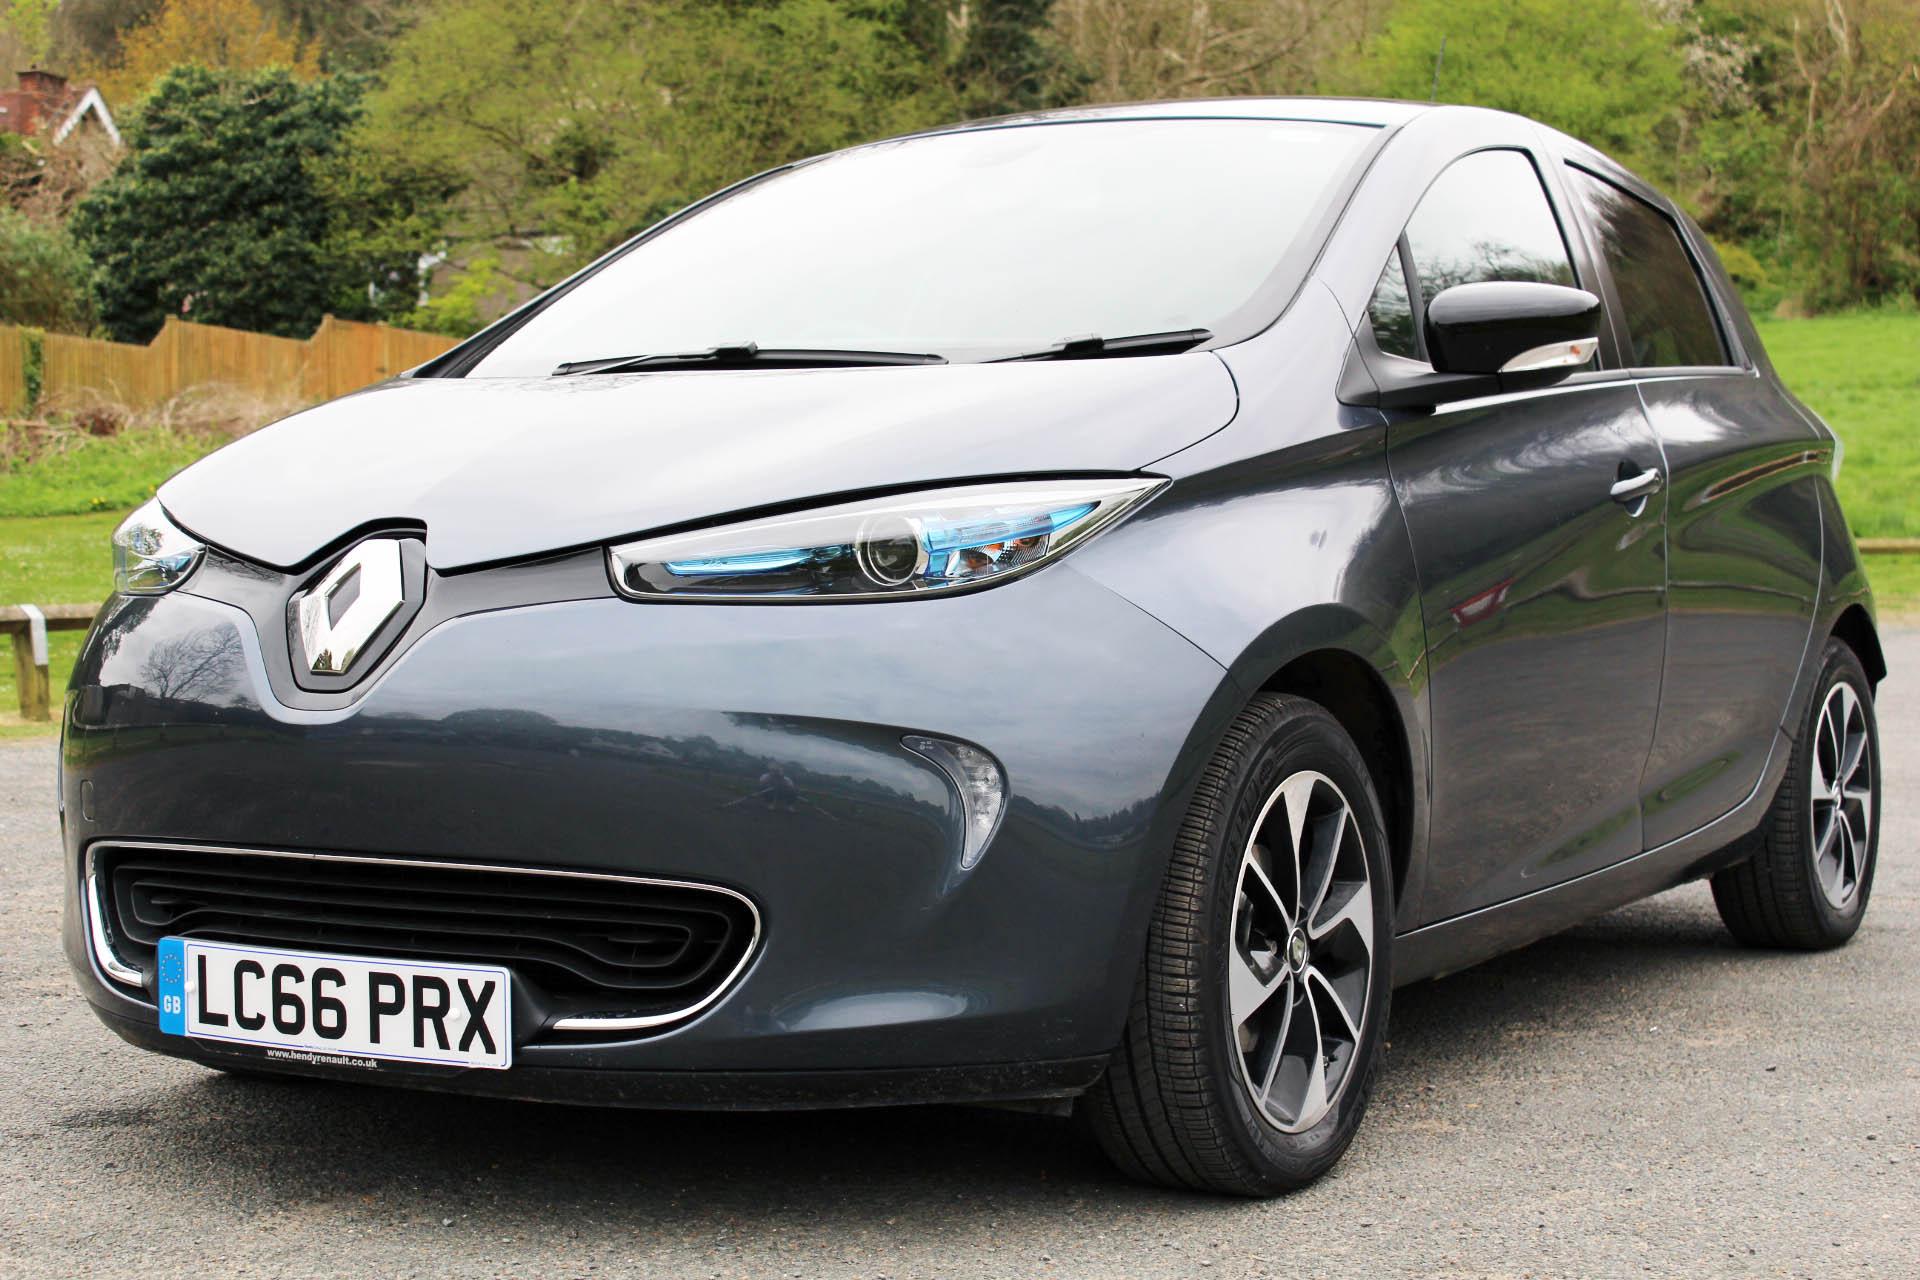 Renault Zoe, electric cars, electric car reviews, EVr Go Electric, dadbloguk, dadbloguk.com, school run dad